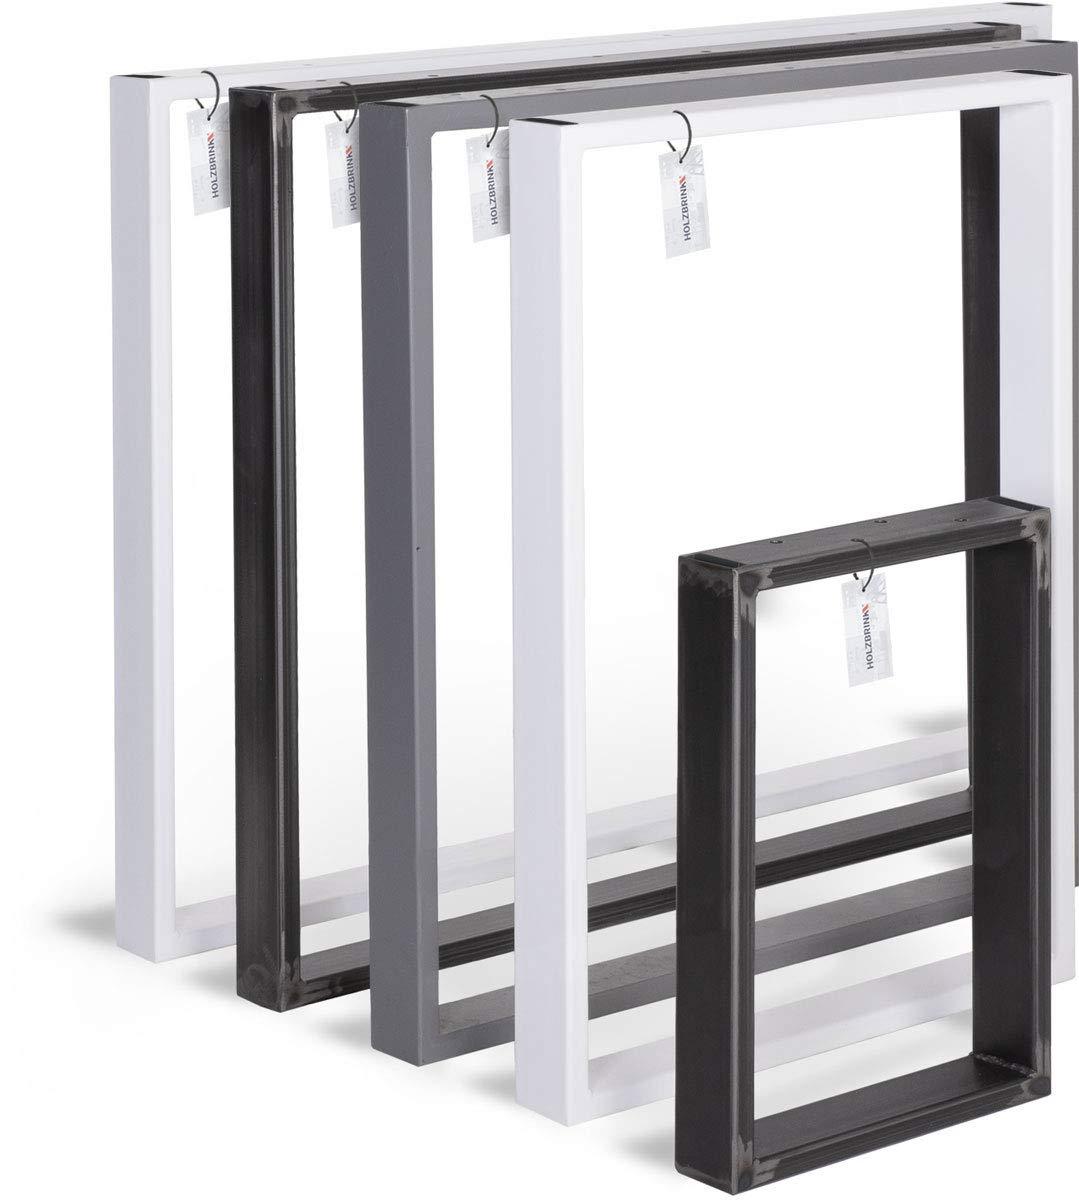 HOLZBRINK Tischkufen aus Vierkantprofilen 60x20 mm, Tischgestell 40x43 cm, Anthrazitgrau, 1 Stück, HLT-01-E-BB-7016 1